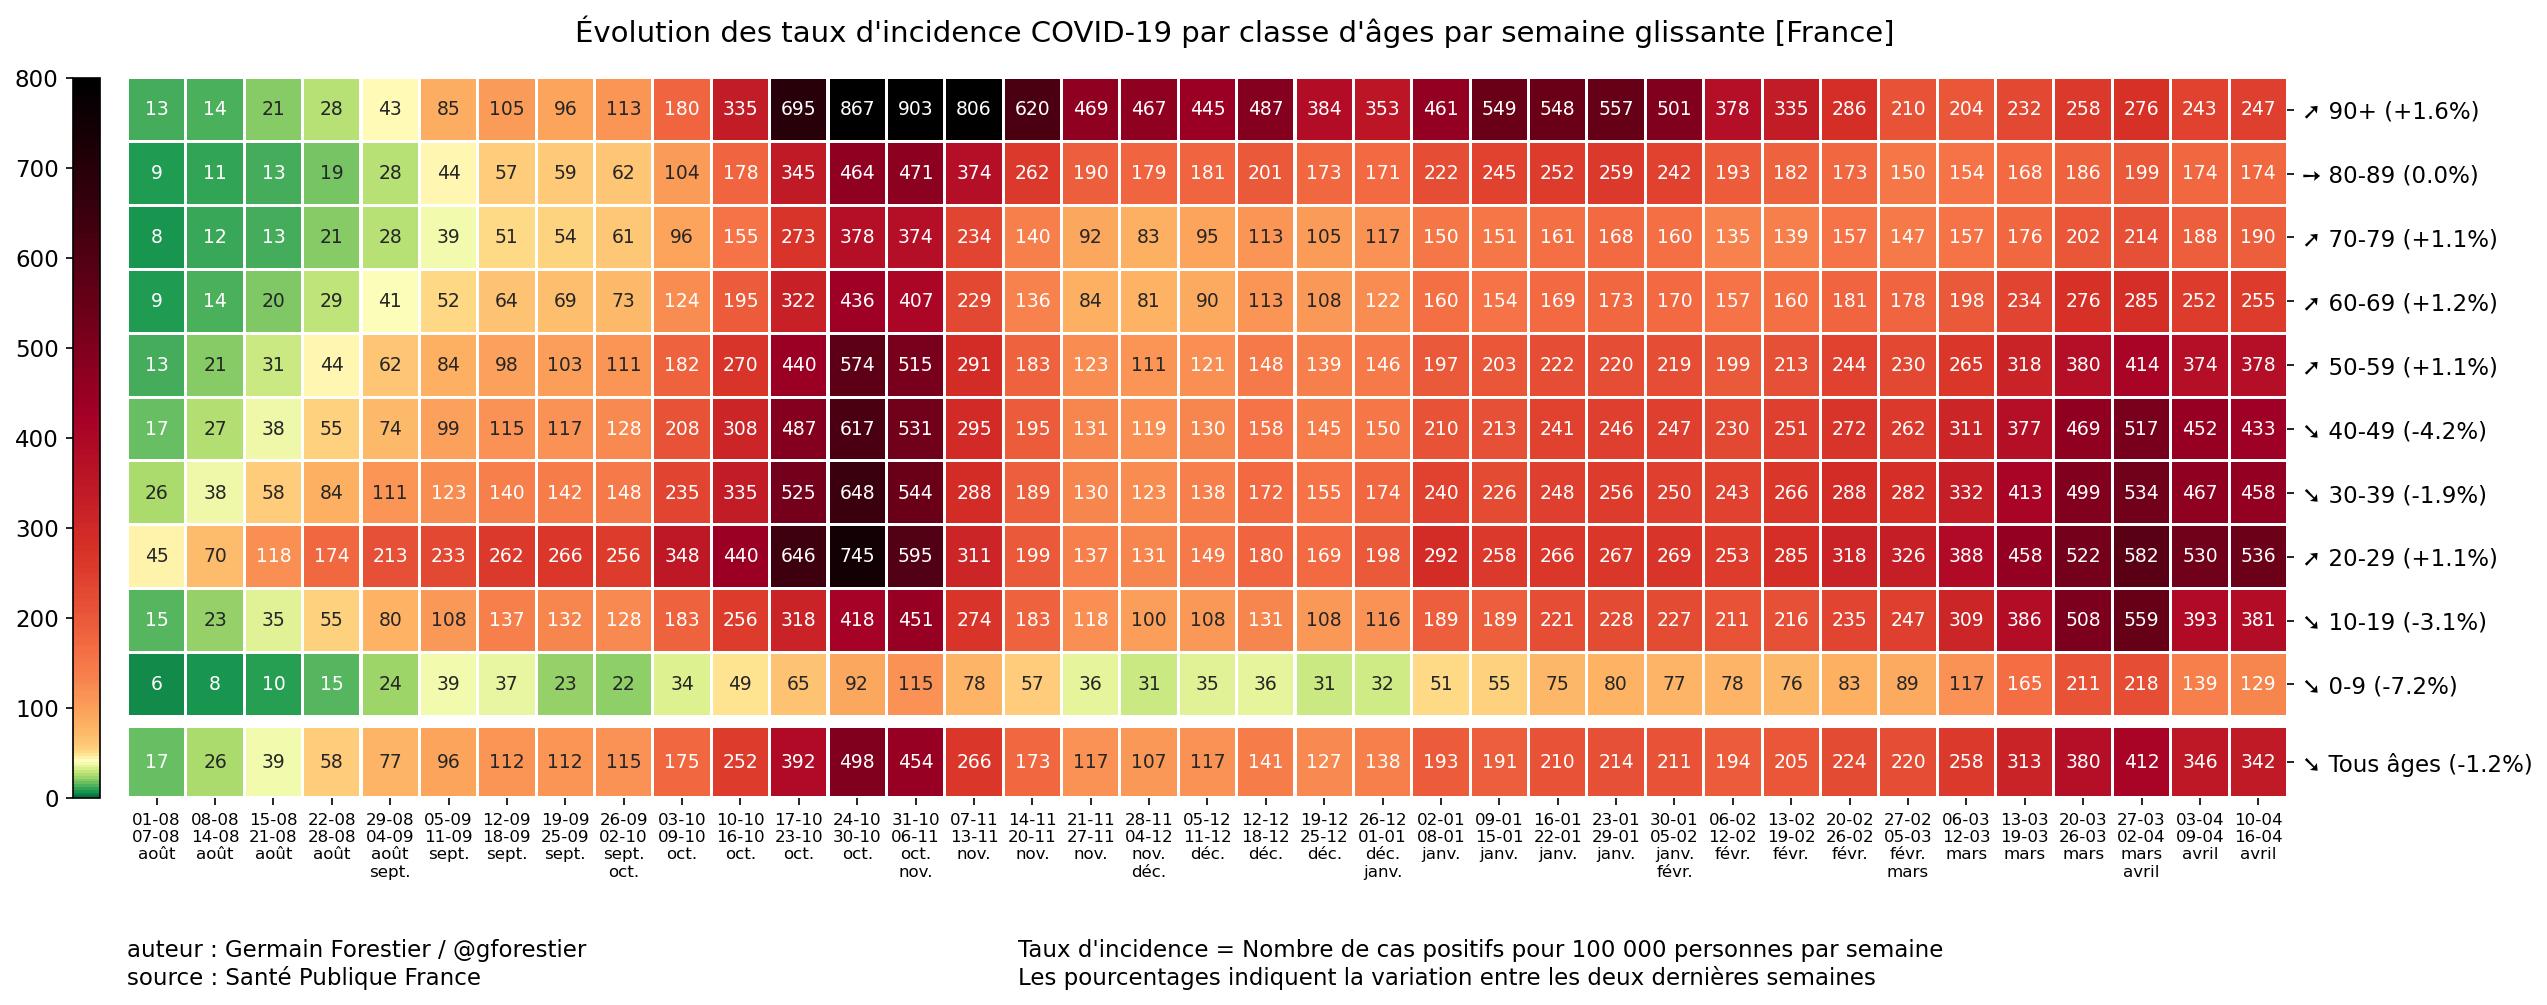 Gestion de la crise du Coronavirus dans l'Éducation Nationale - Page 39 EzXIcFHVgBMaalM?format=png&name=4096x4096